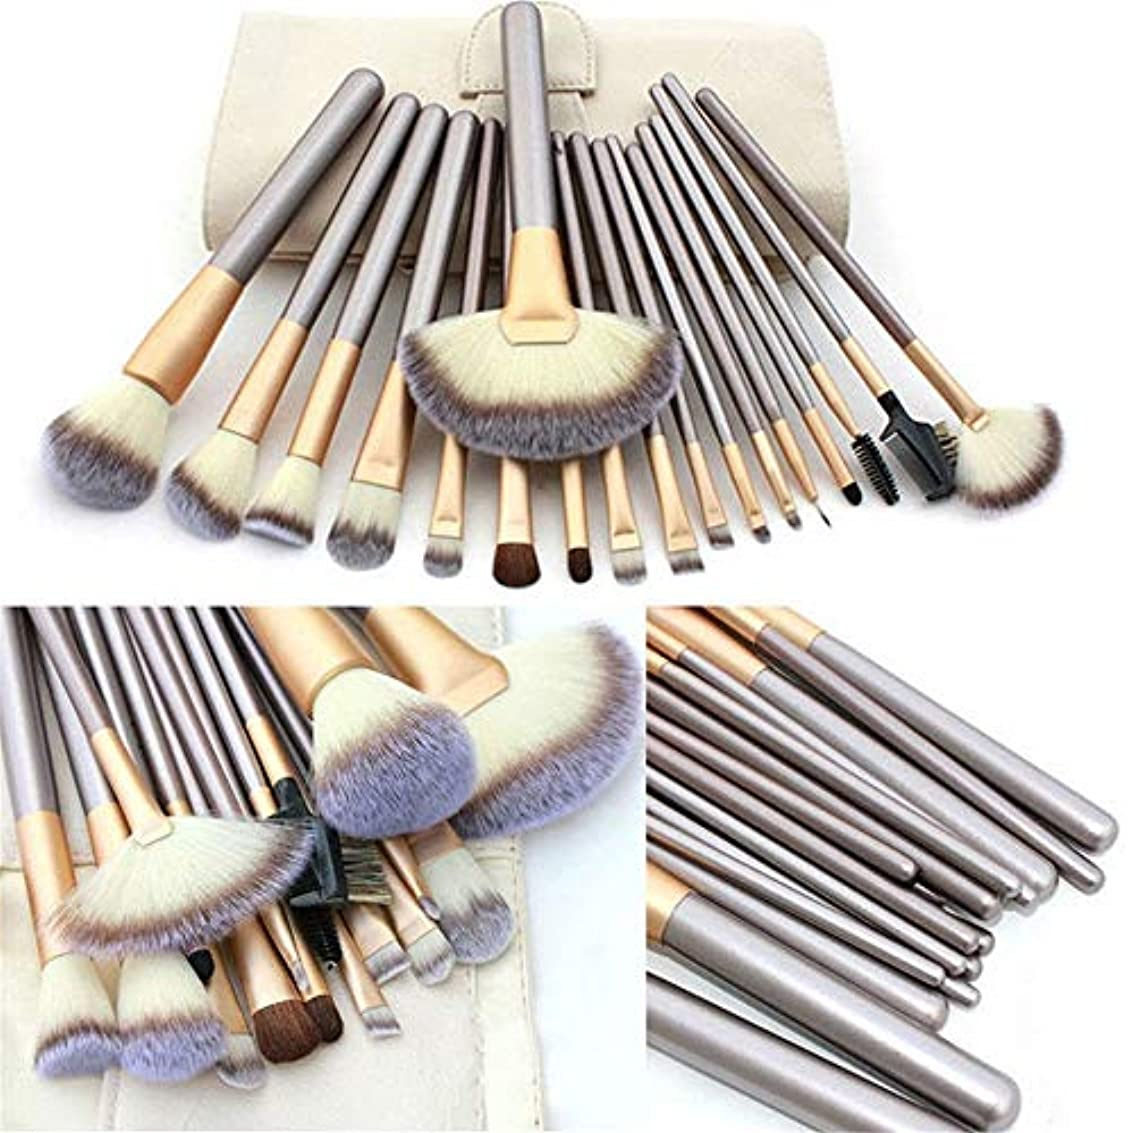 橋脚バクテリア小数Makeup brushes ナイロンヘア、PUレザーエクリュメイクアップブラシセットポーチ、18個プロフェッショナルメイクアップブラシカウンターシンク suits (Color : Beige)